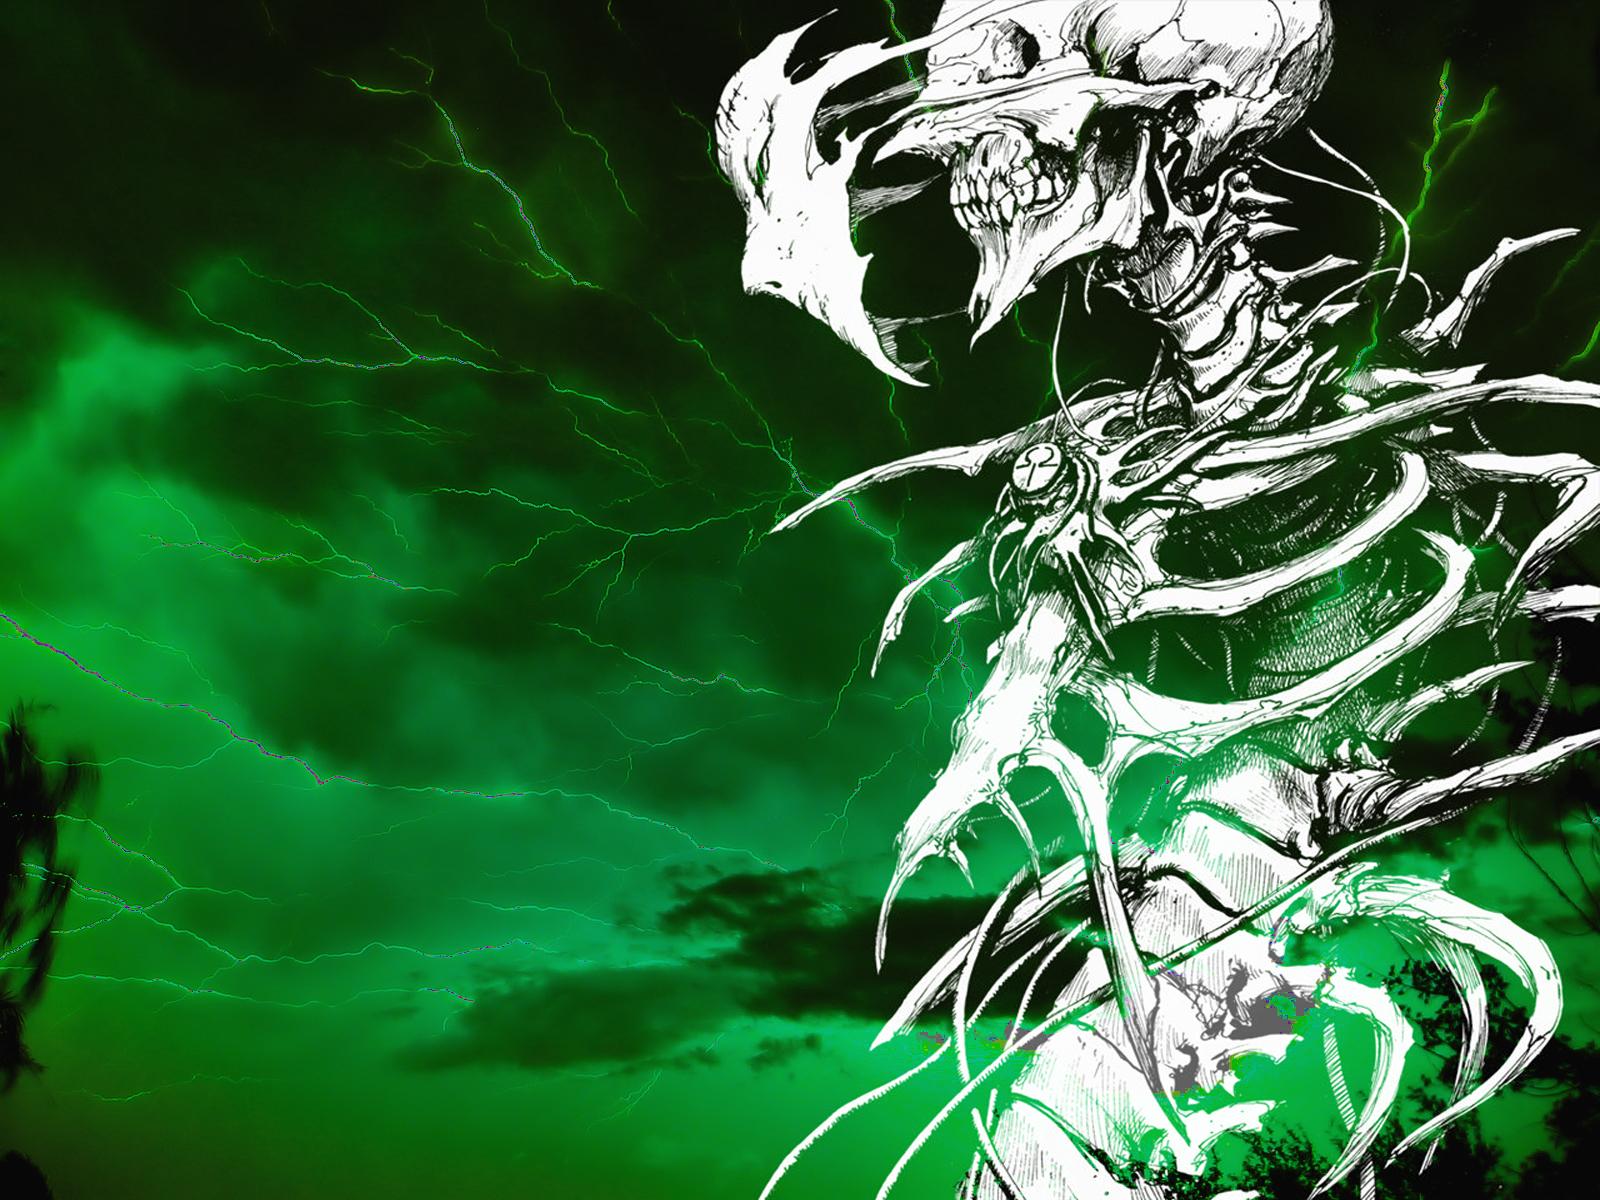 Скелет картинки на фон